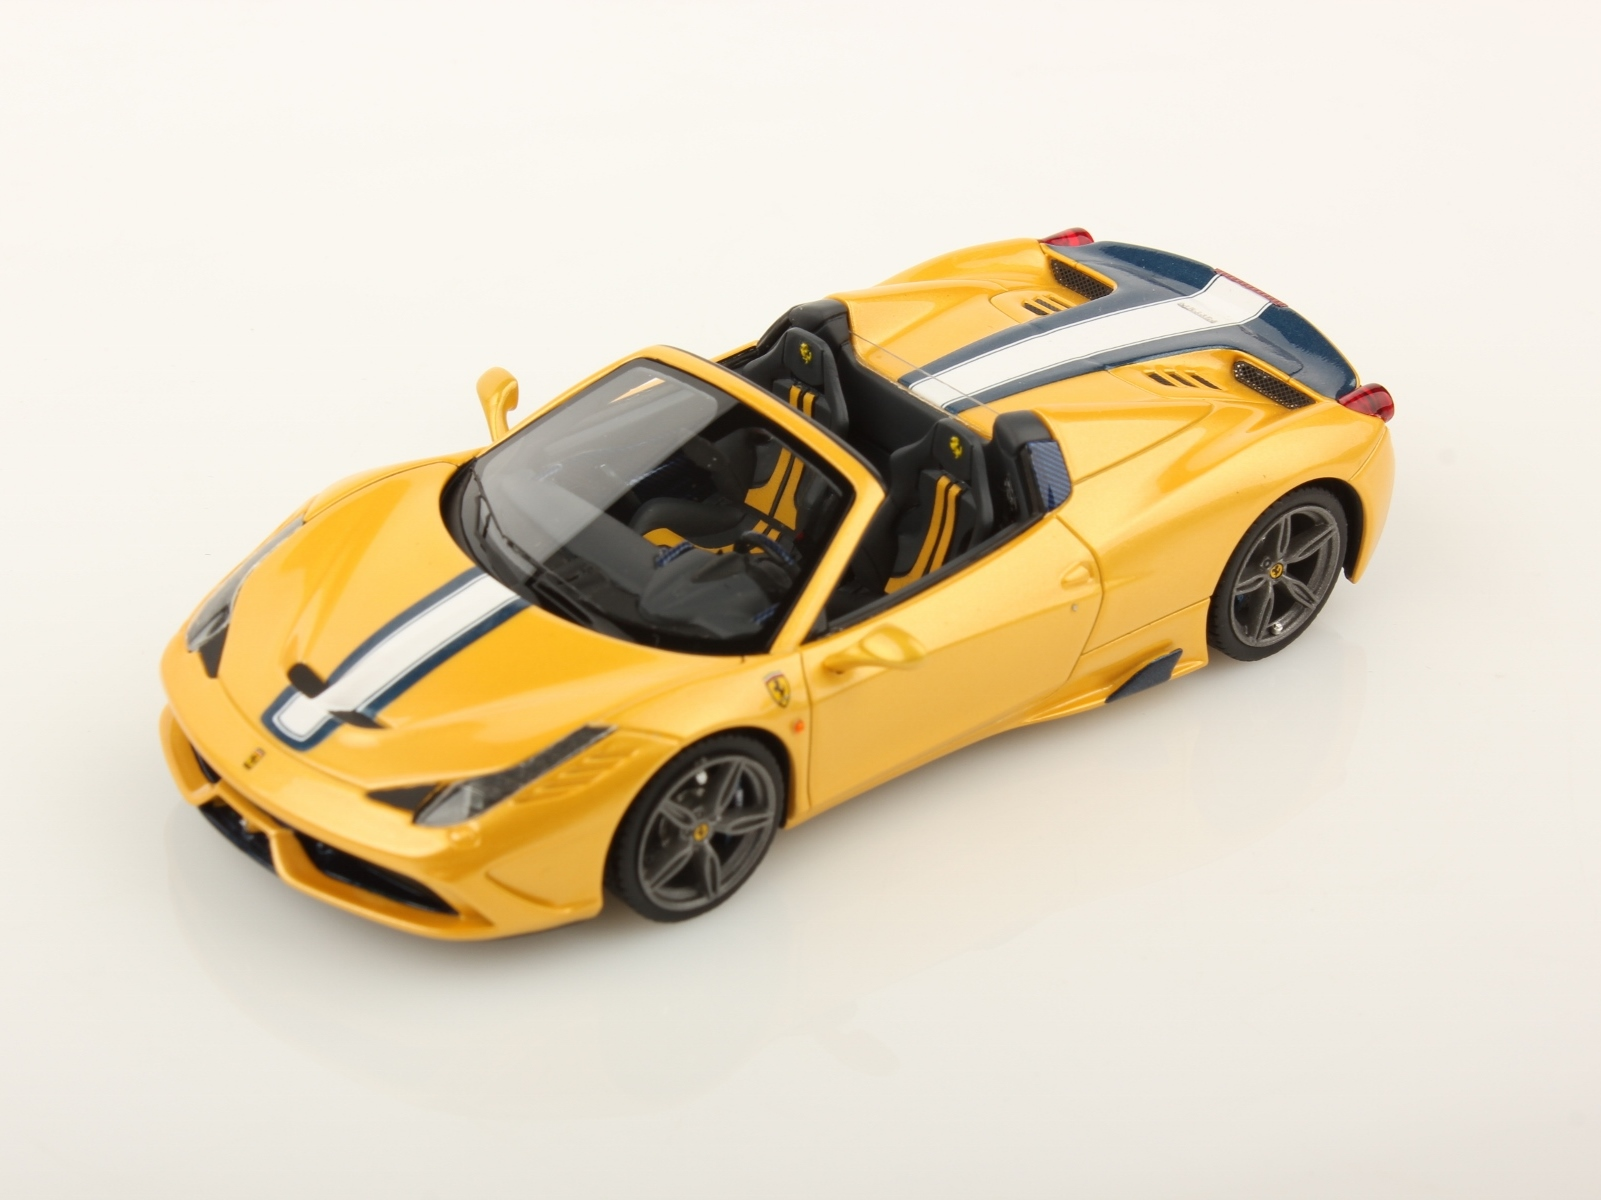 Ferrari 458 Speciale A 1 43 Looksmart Models